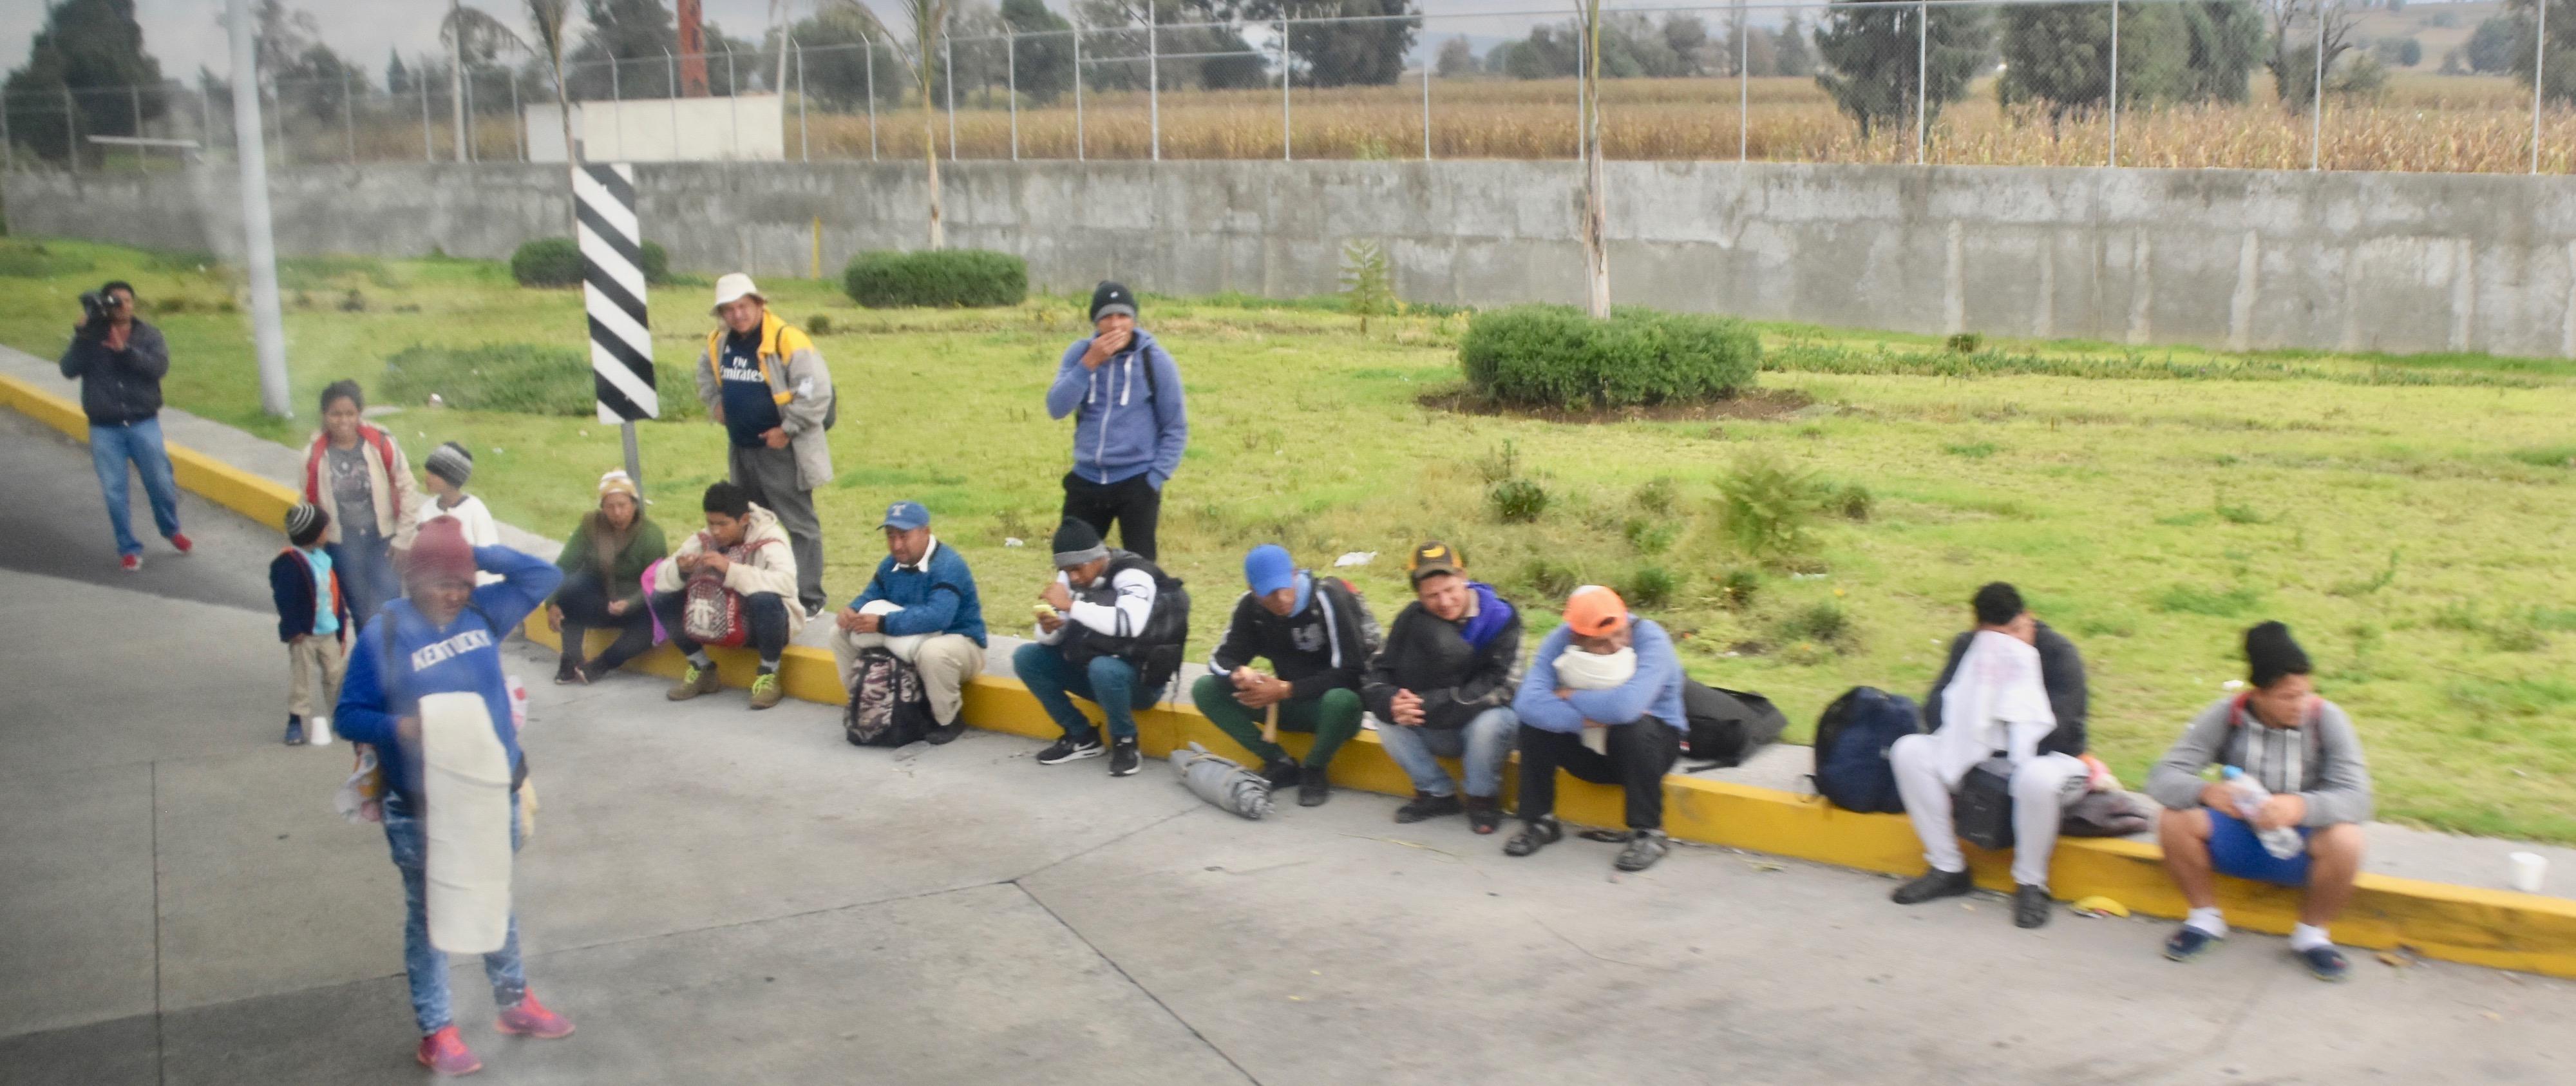 Central Mexico Caravan